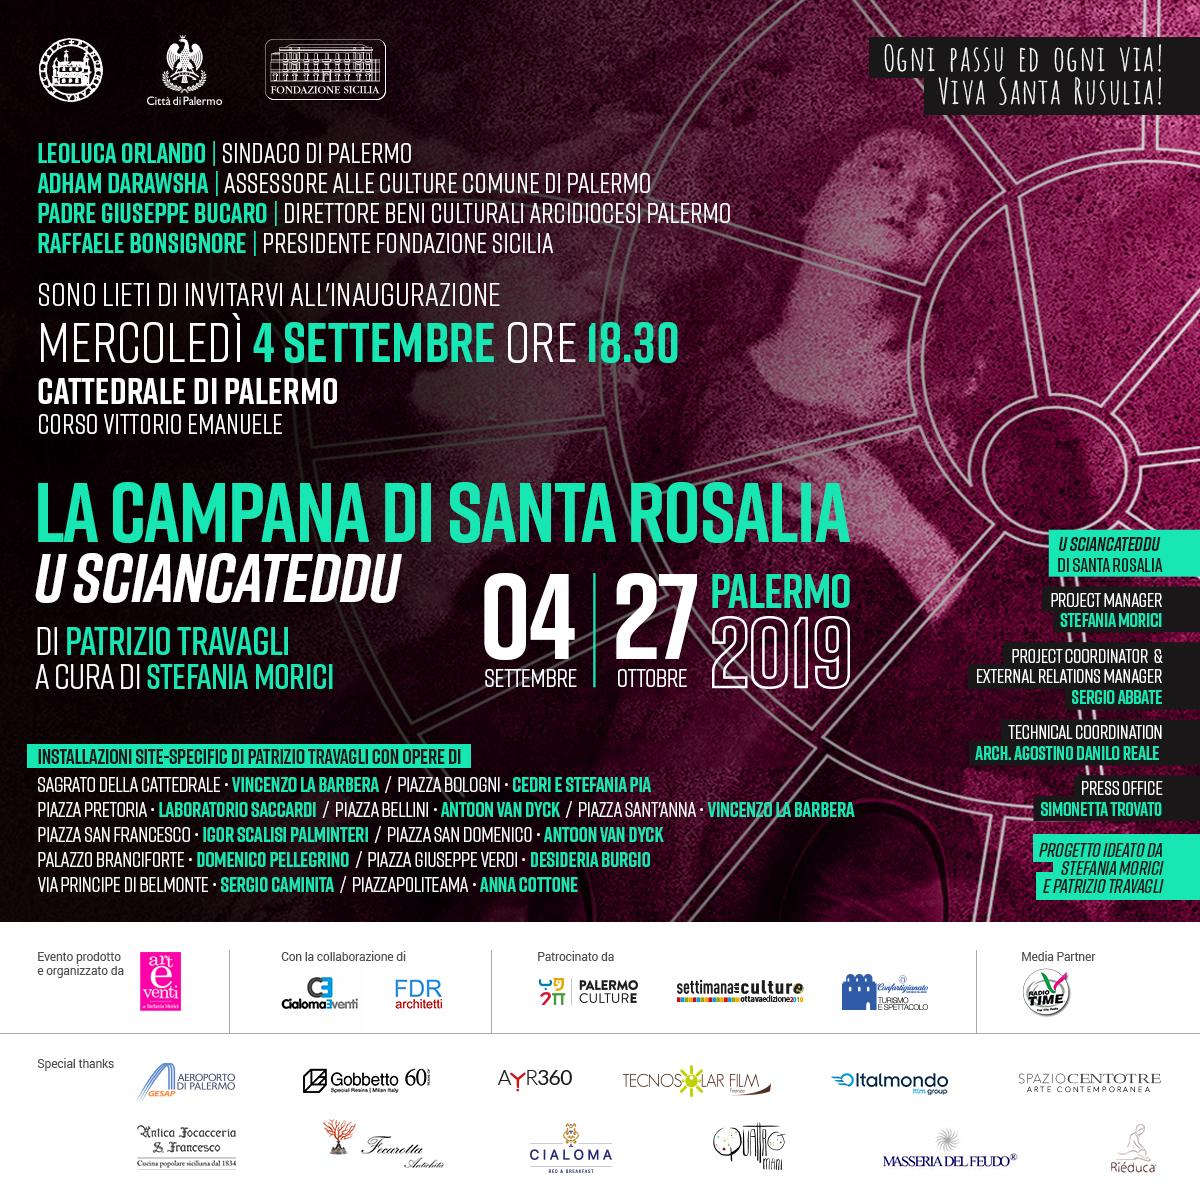 La Campana di Santa Rosalia (U Sciancateddu)